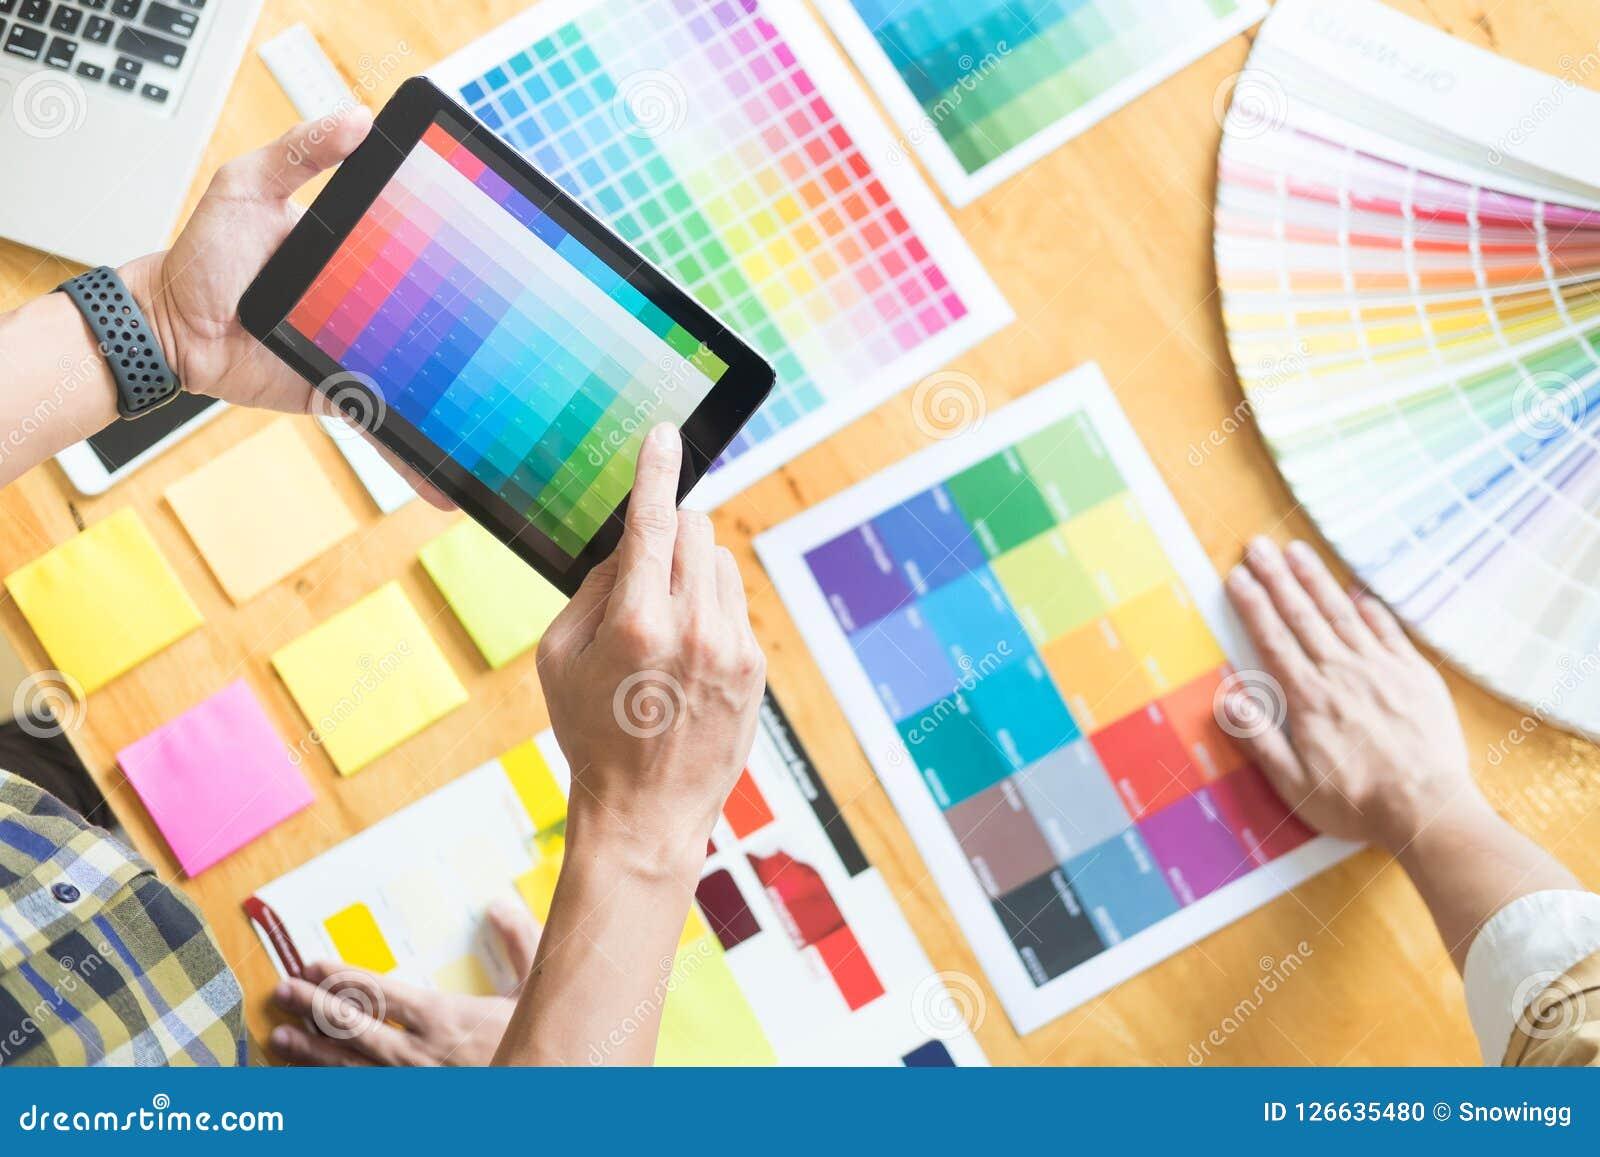 Δημιουργικός γραφικός σχεδιαστής στην εργασία Swatch χρώματος pantone δειγμάτων